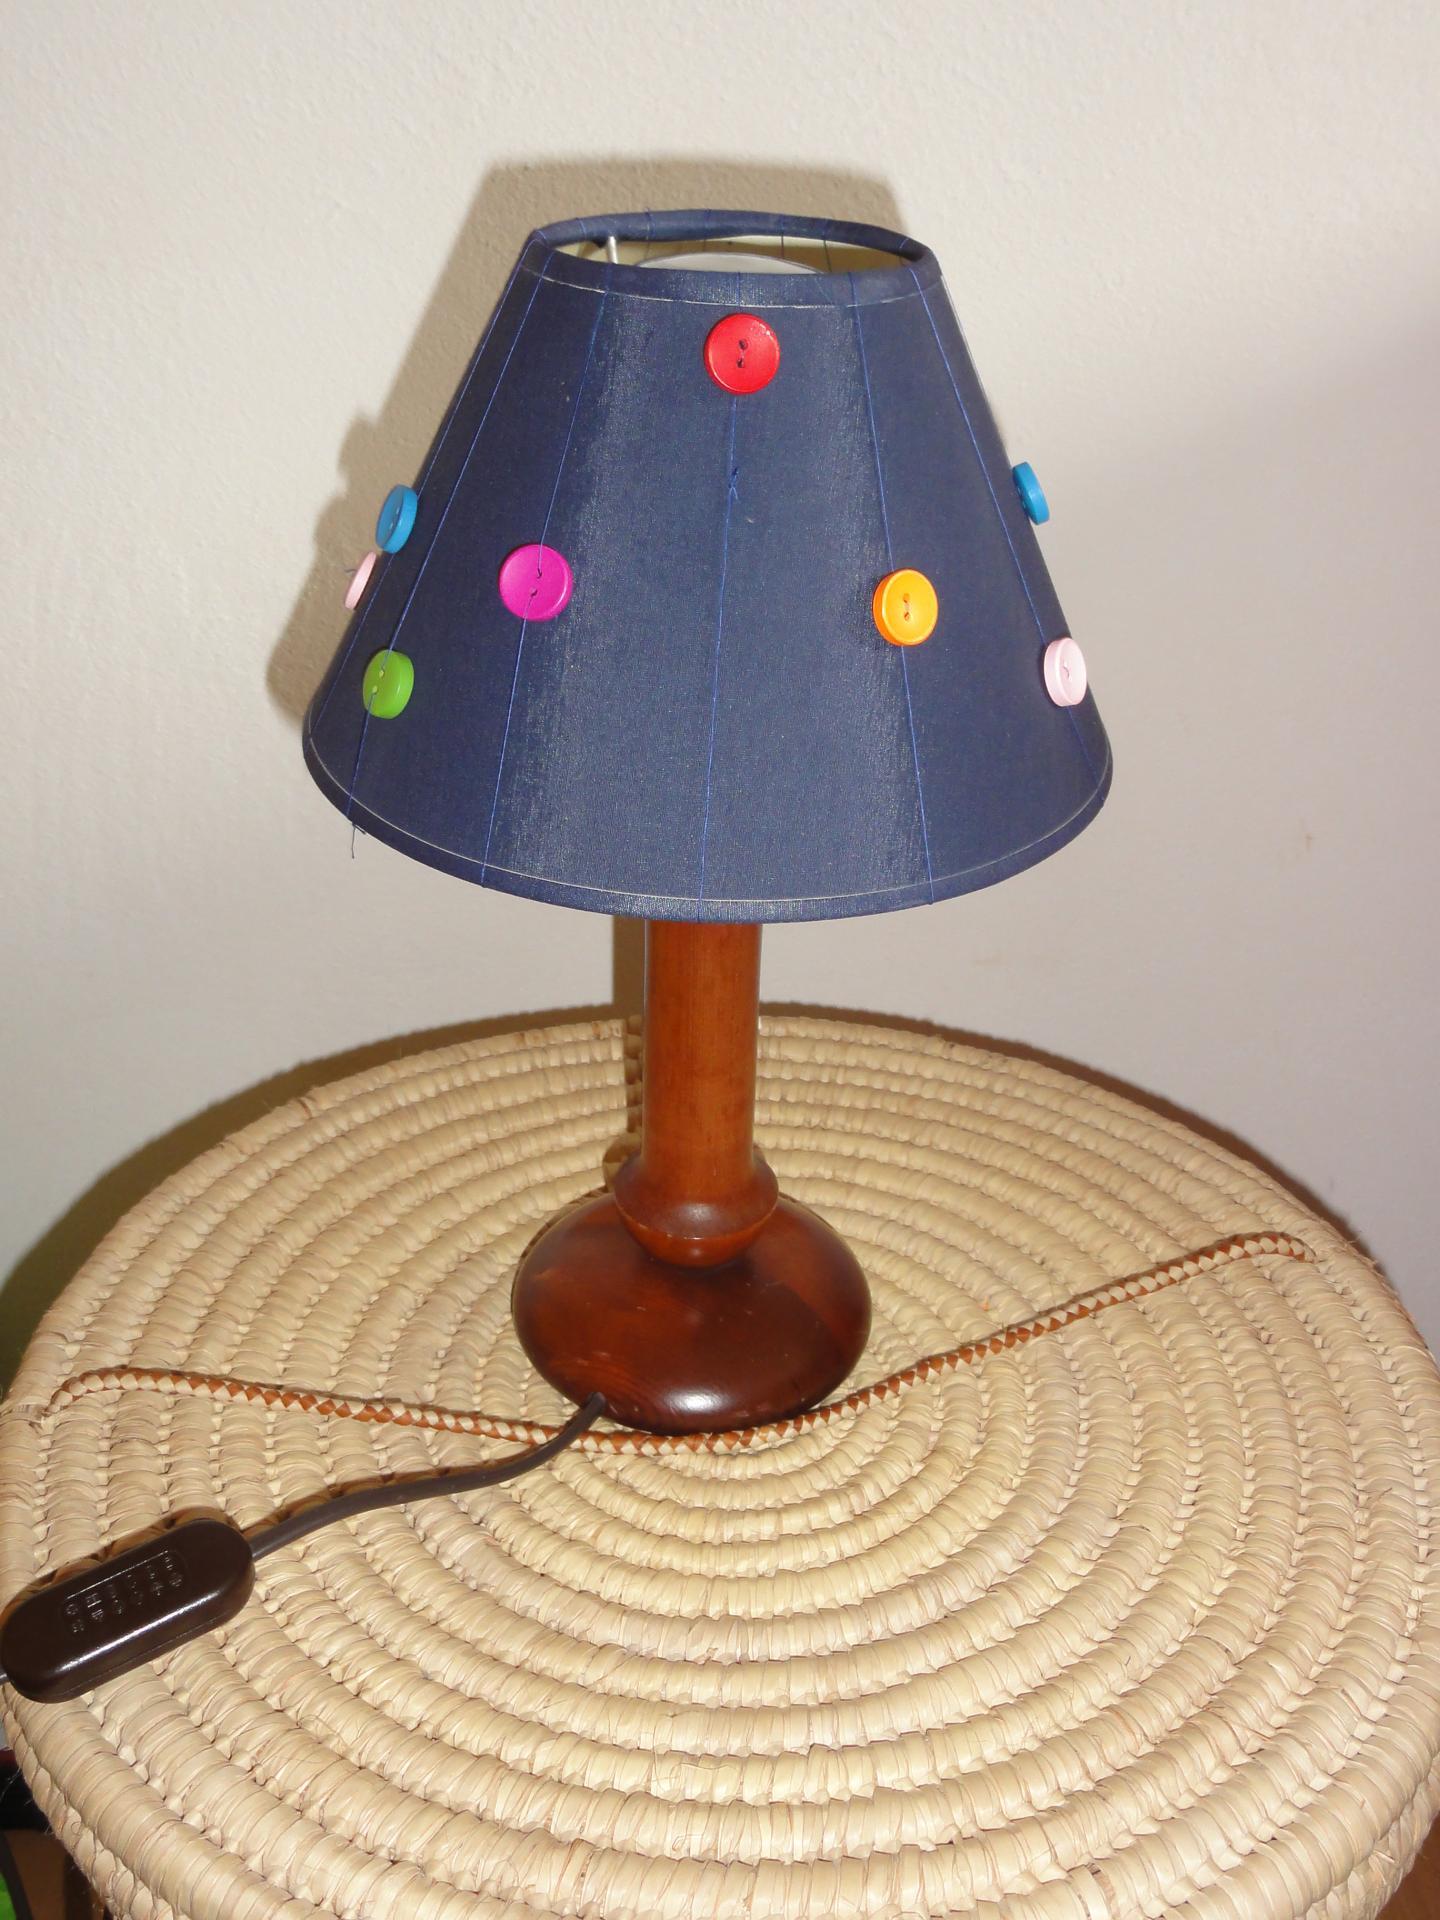 Comment Customiser Une Lampe De Chevet customiser une lampe de chevet